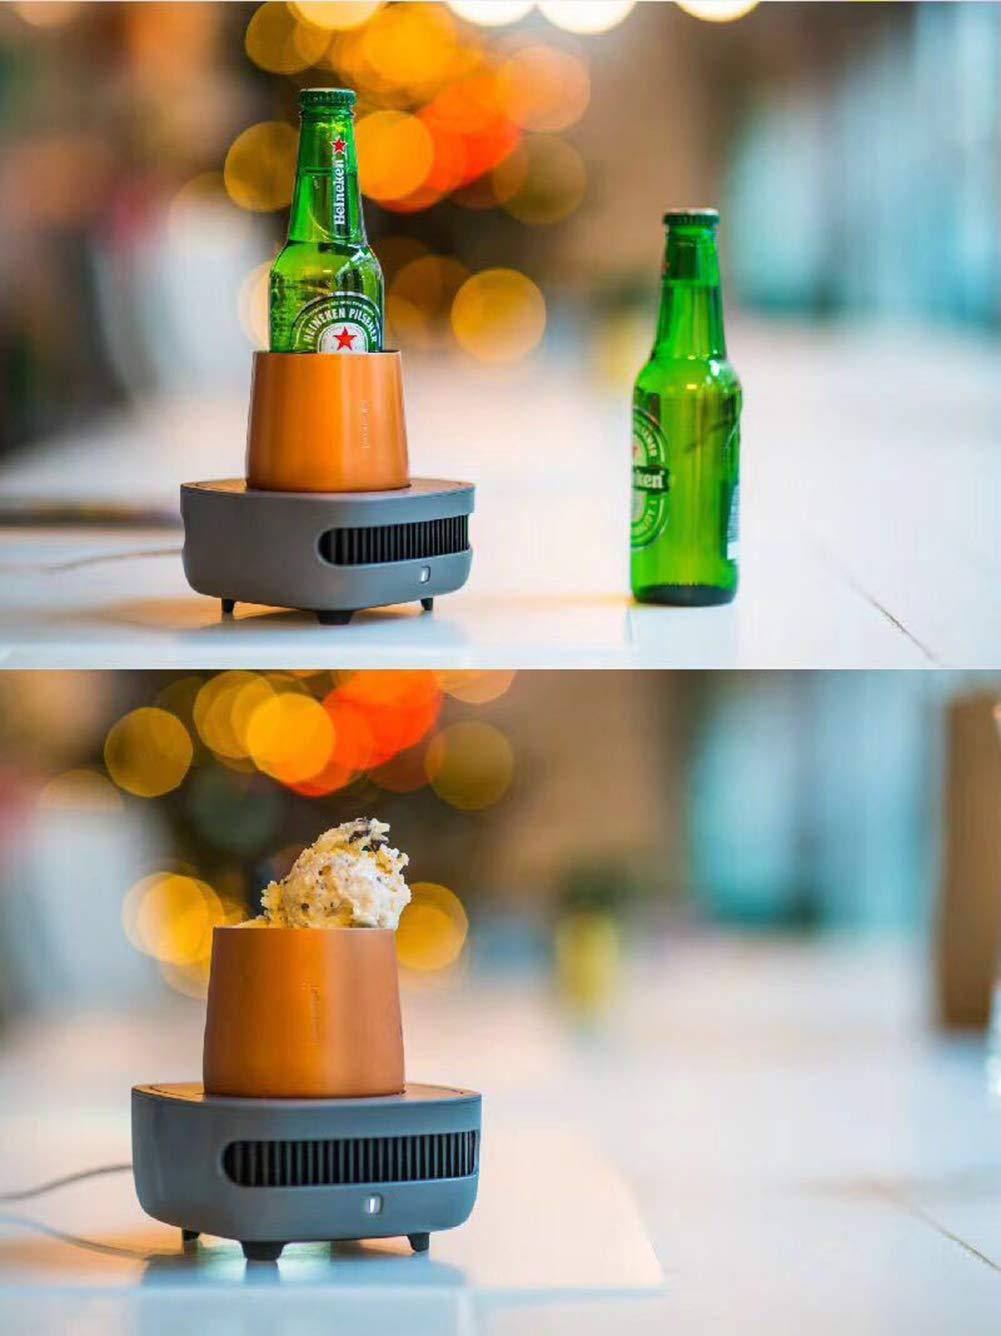 Drinks Nevera Mini Ideal para Latas De Refresco, Nevera Portátil ...